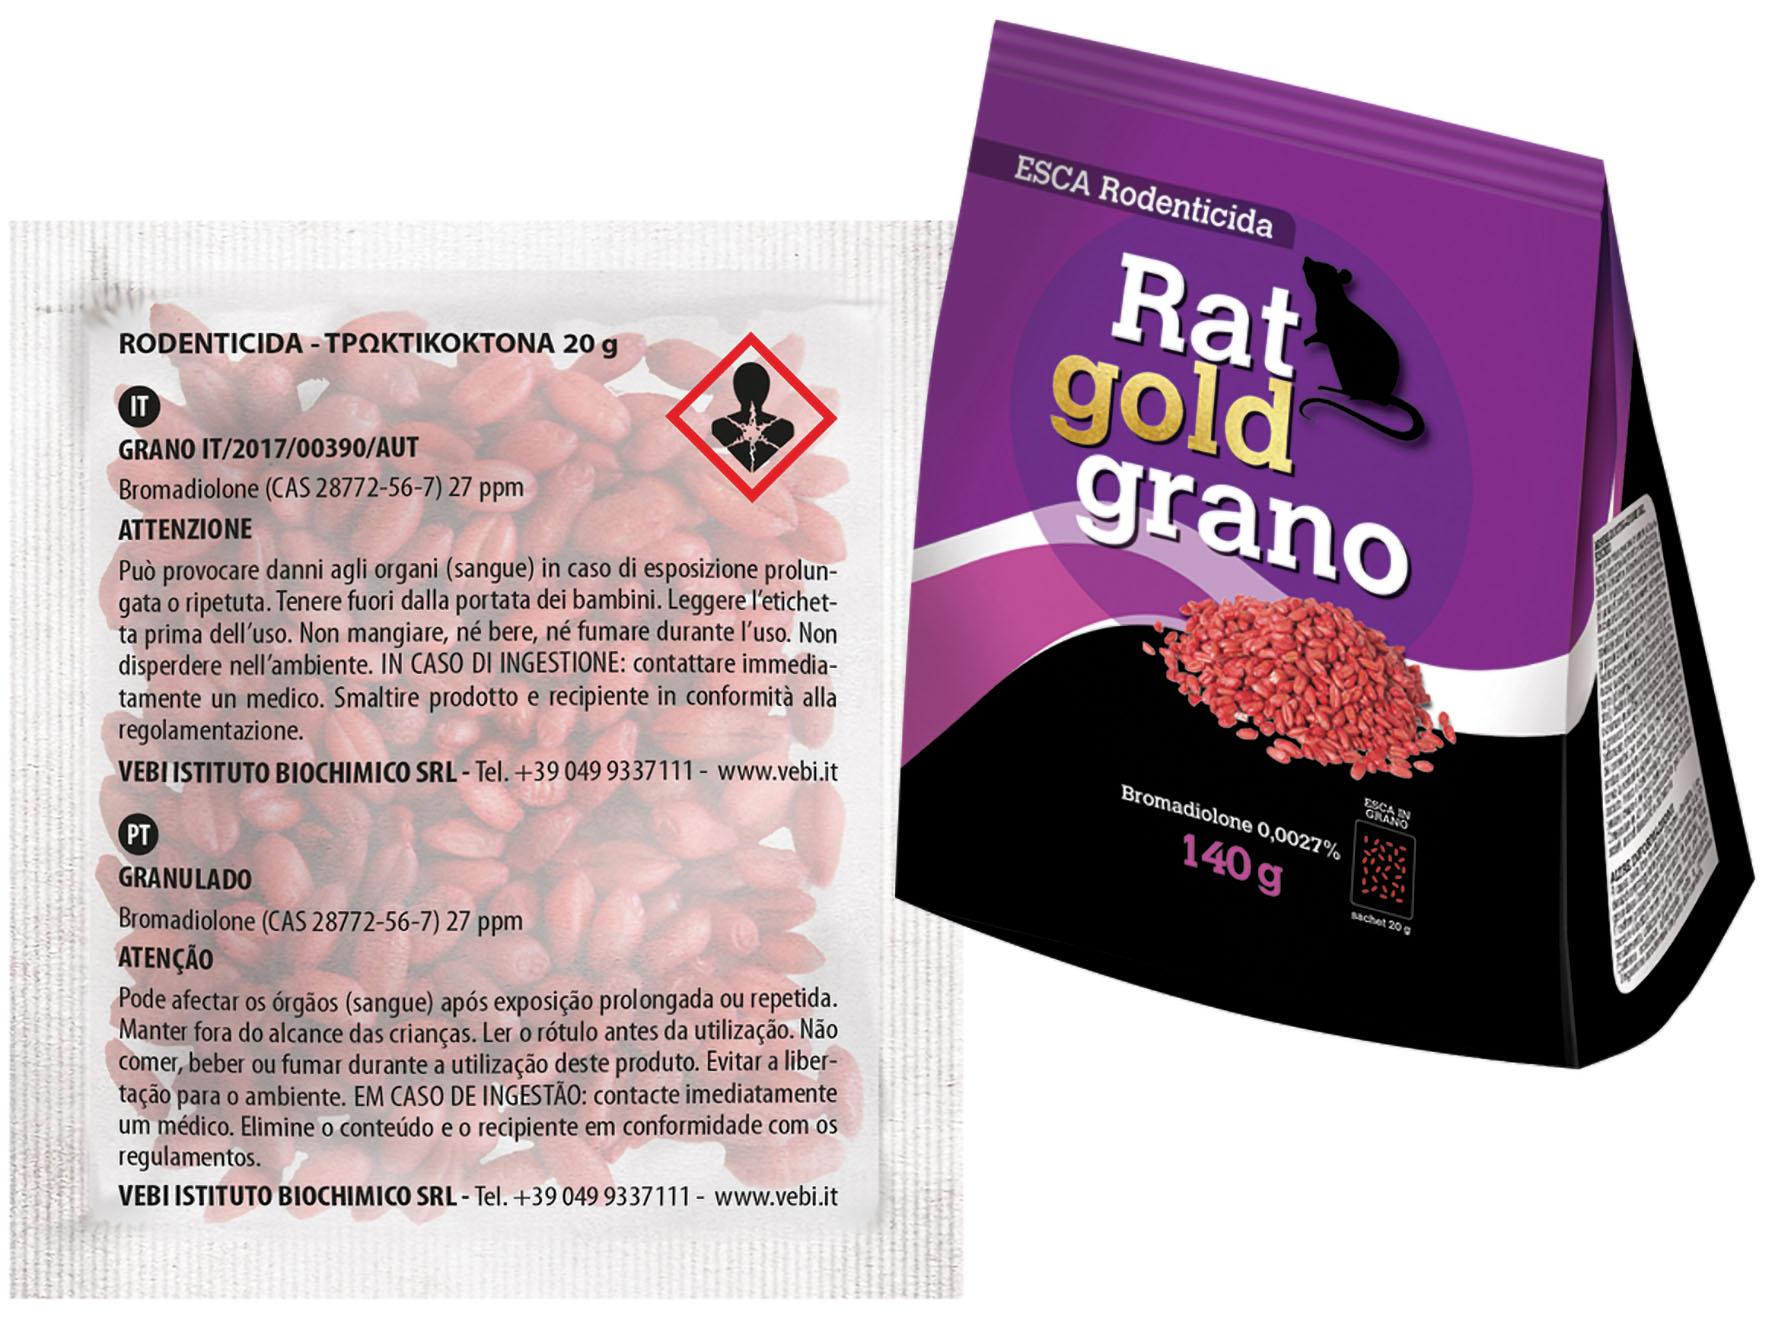 ESCA RAT GOLD GRANO 140 GR